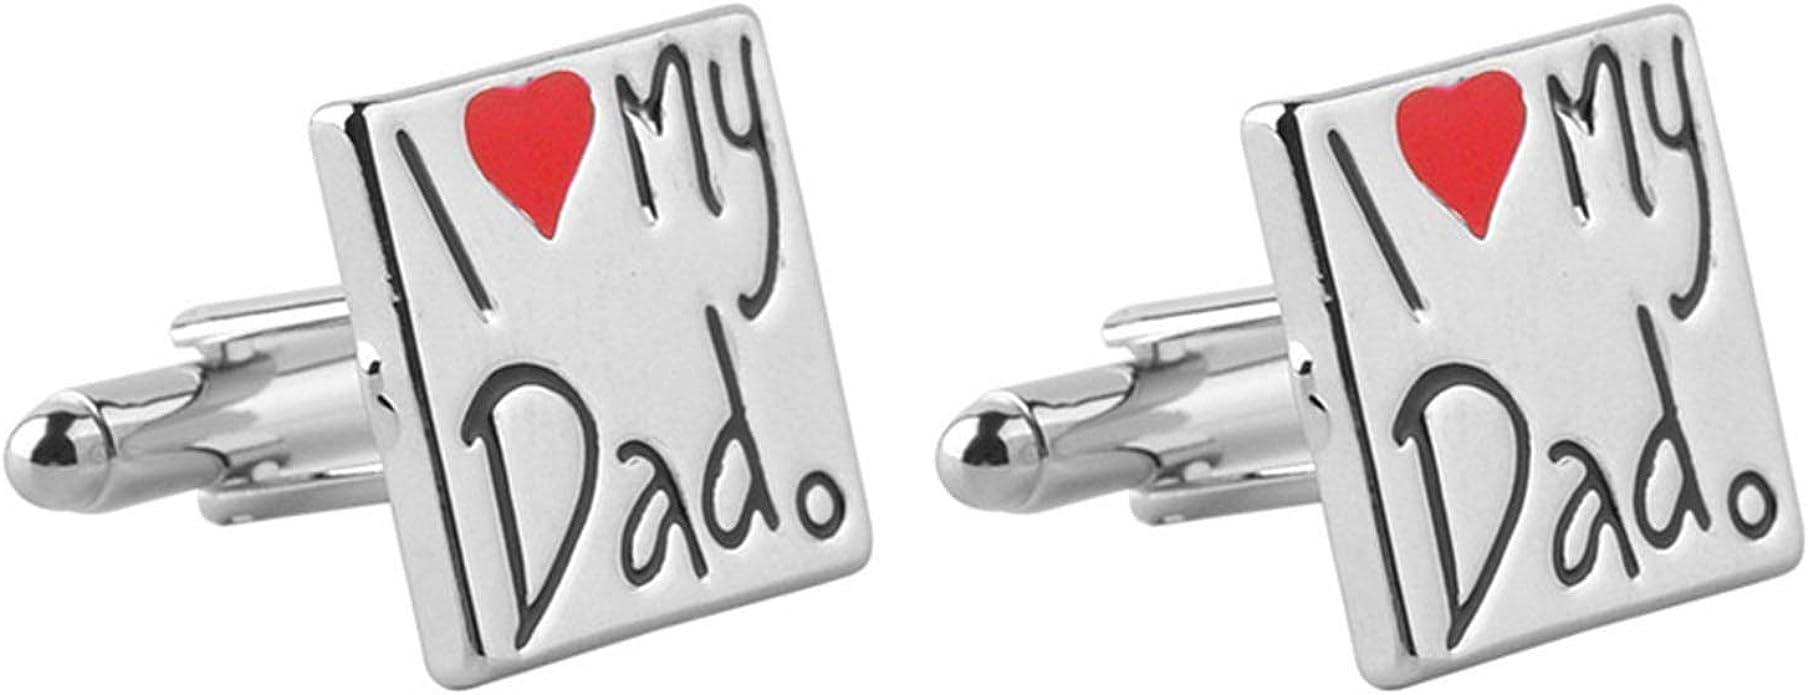 AmDxD Gemelos Chapados Oro para Hombres Plata Letras I Love My Dad con Corazón Gemelos Camisa Gemelos Boda Hombre 1.8x1.8CM: Amazon.es: Joyería